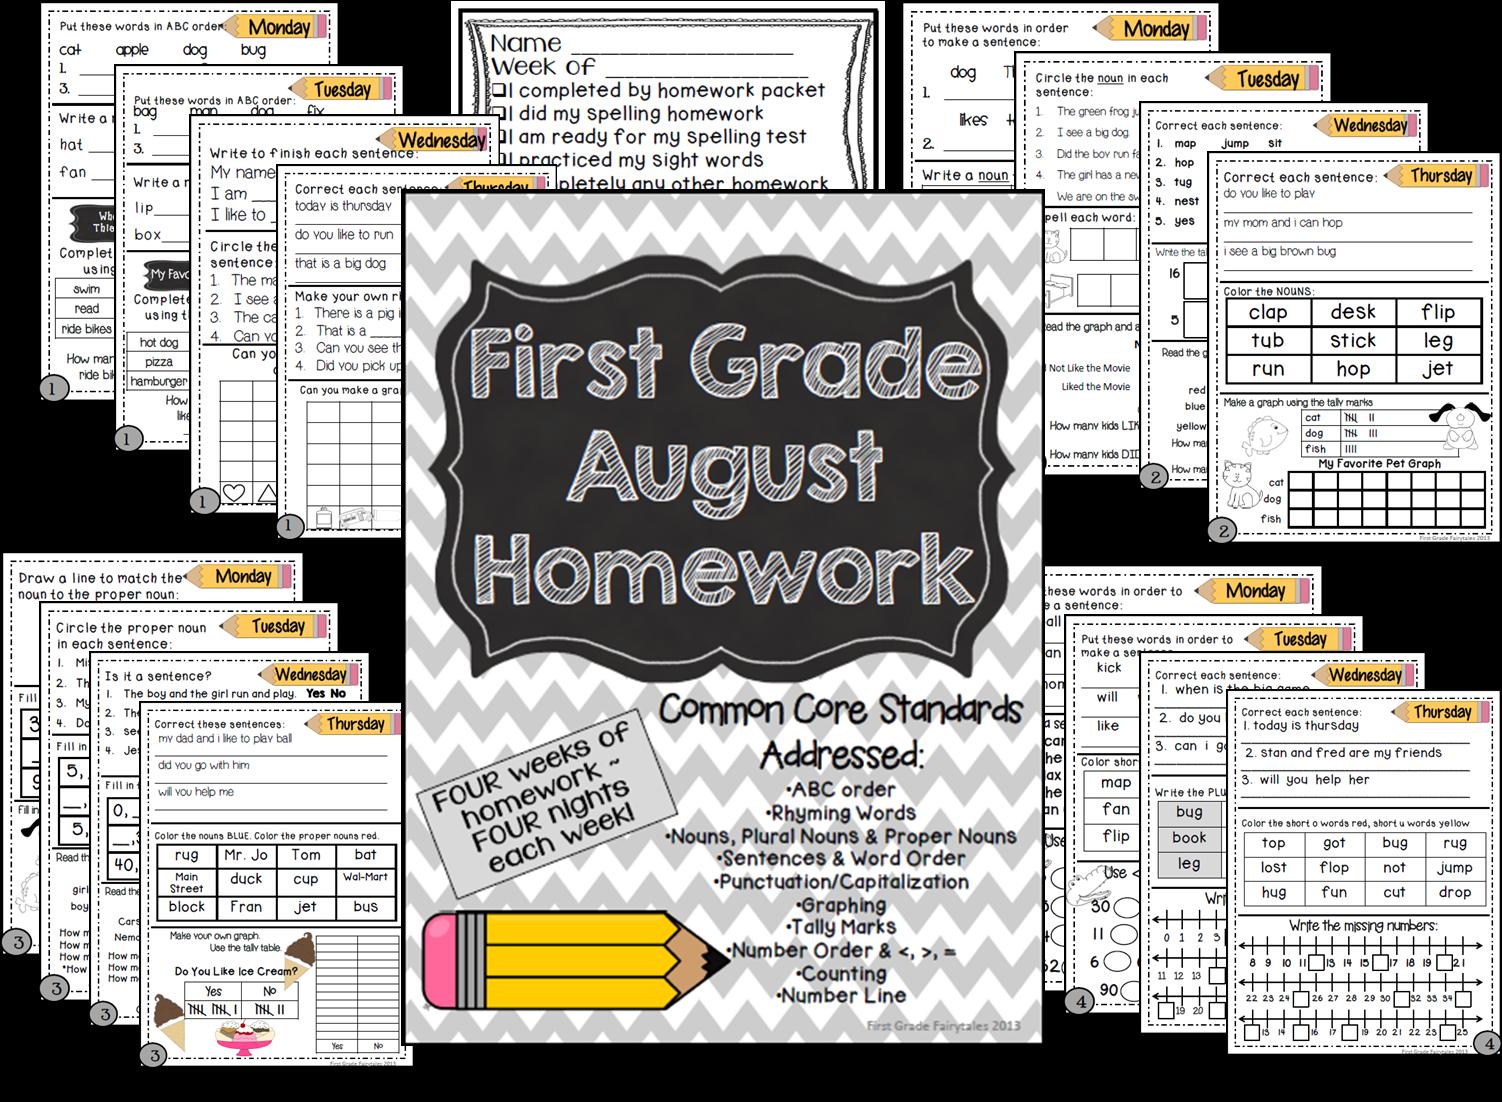 http://www.teacherspayteachers.com/Product/First-Grade-Common-Core-Homework-August-790308